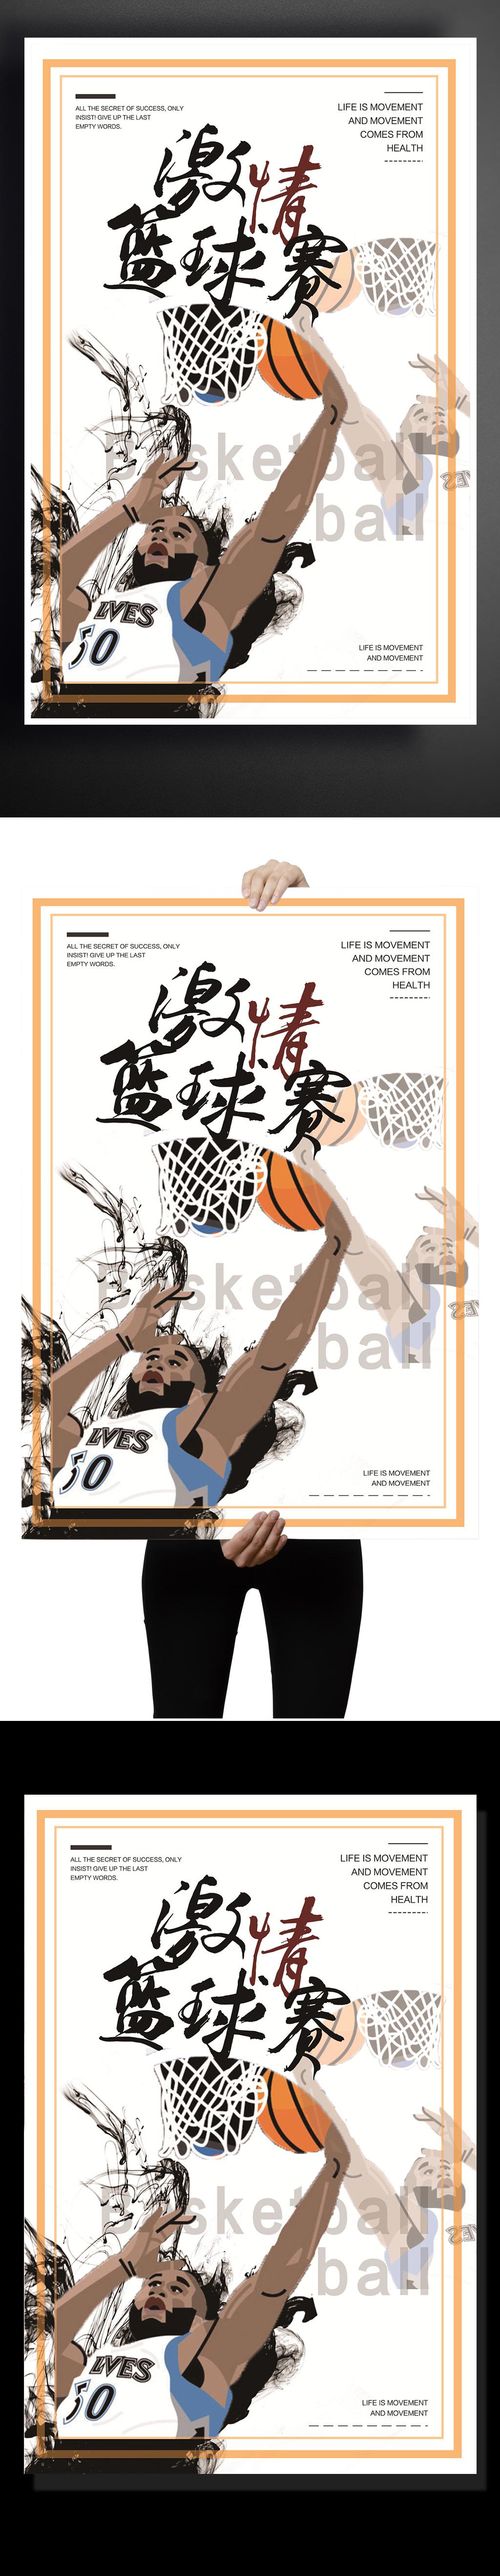 手绘激情篮球赛海报图片设计素材_高清psd模板下载(25